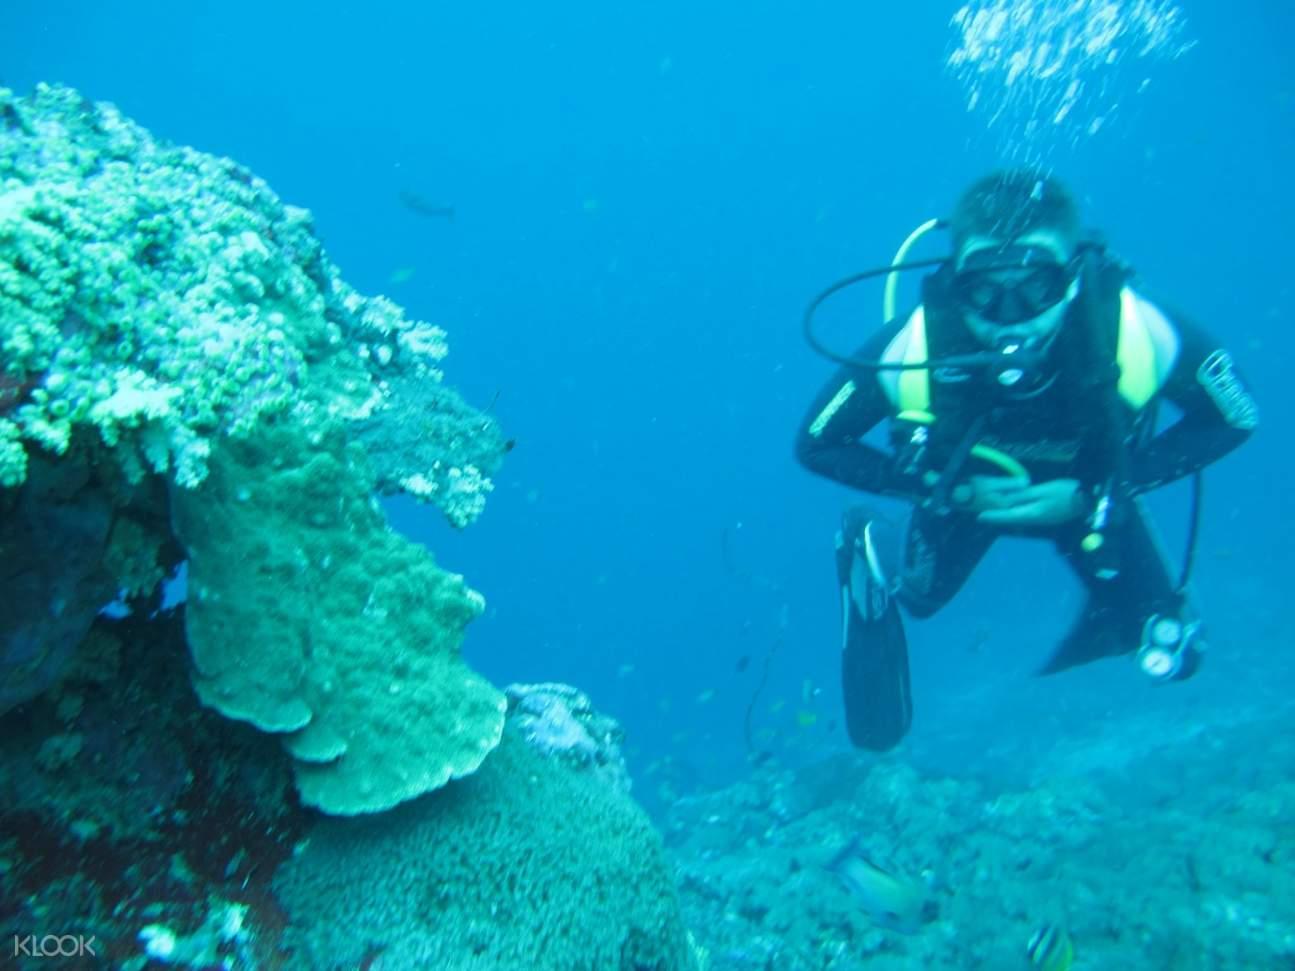 珀尼達島珊瑚,珀尼達島珊瑚礁,珀尼達島水肺潛水,珀尼達島水肺潛水體驗,珀尼達島潛水